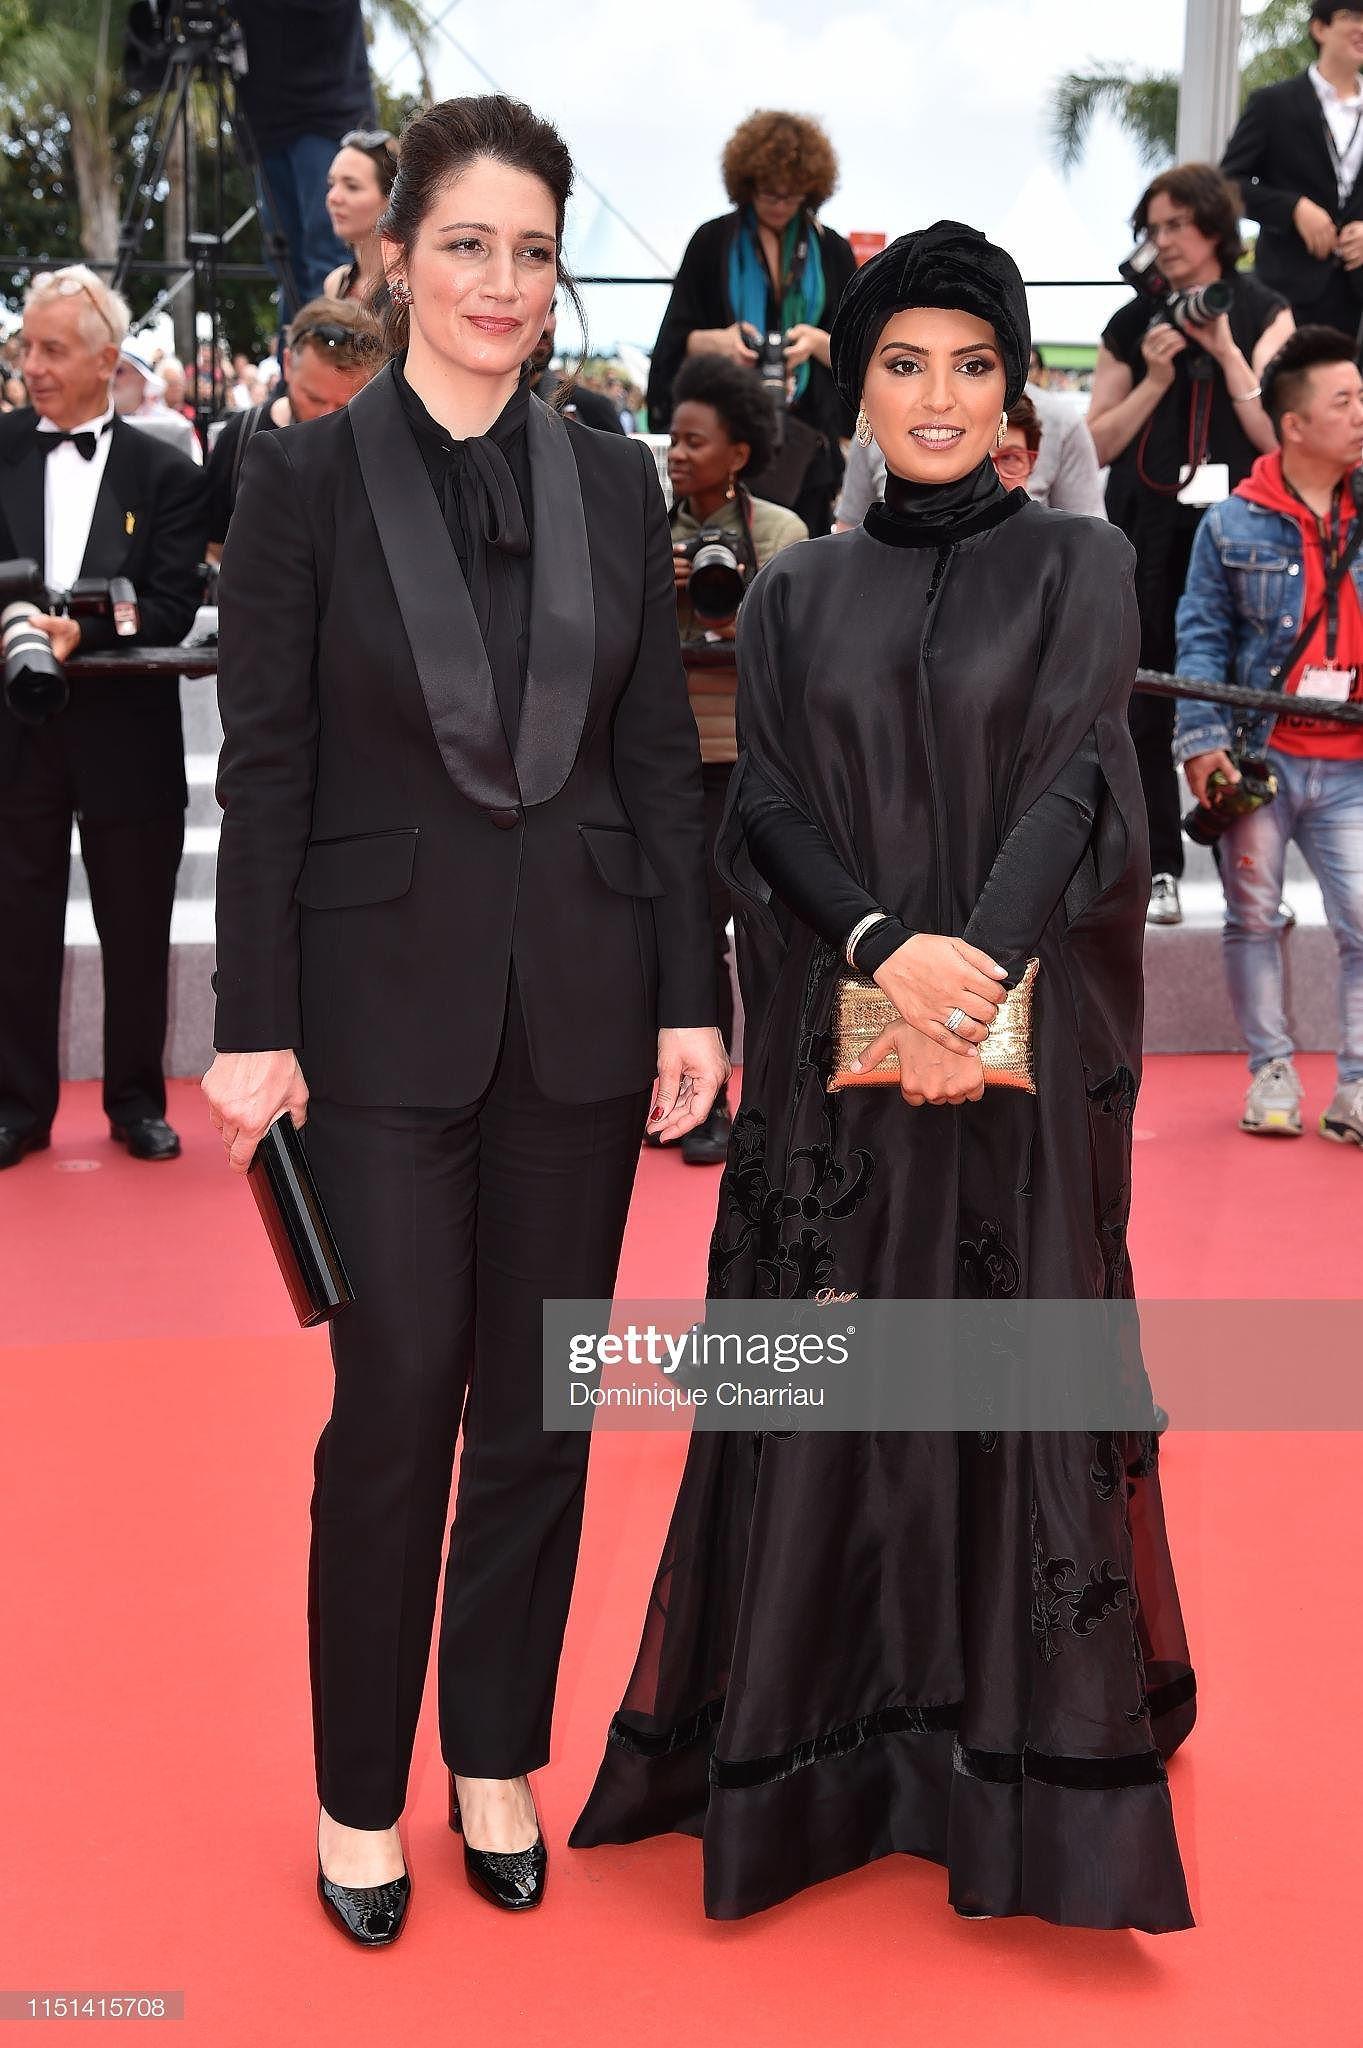 Cannes ngày 11: Xuất hiện loạt 'đối thủ' của Ngọc Trinh, có cả thảm họa thẩm mỹ - Hình 19